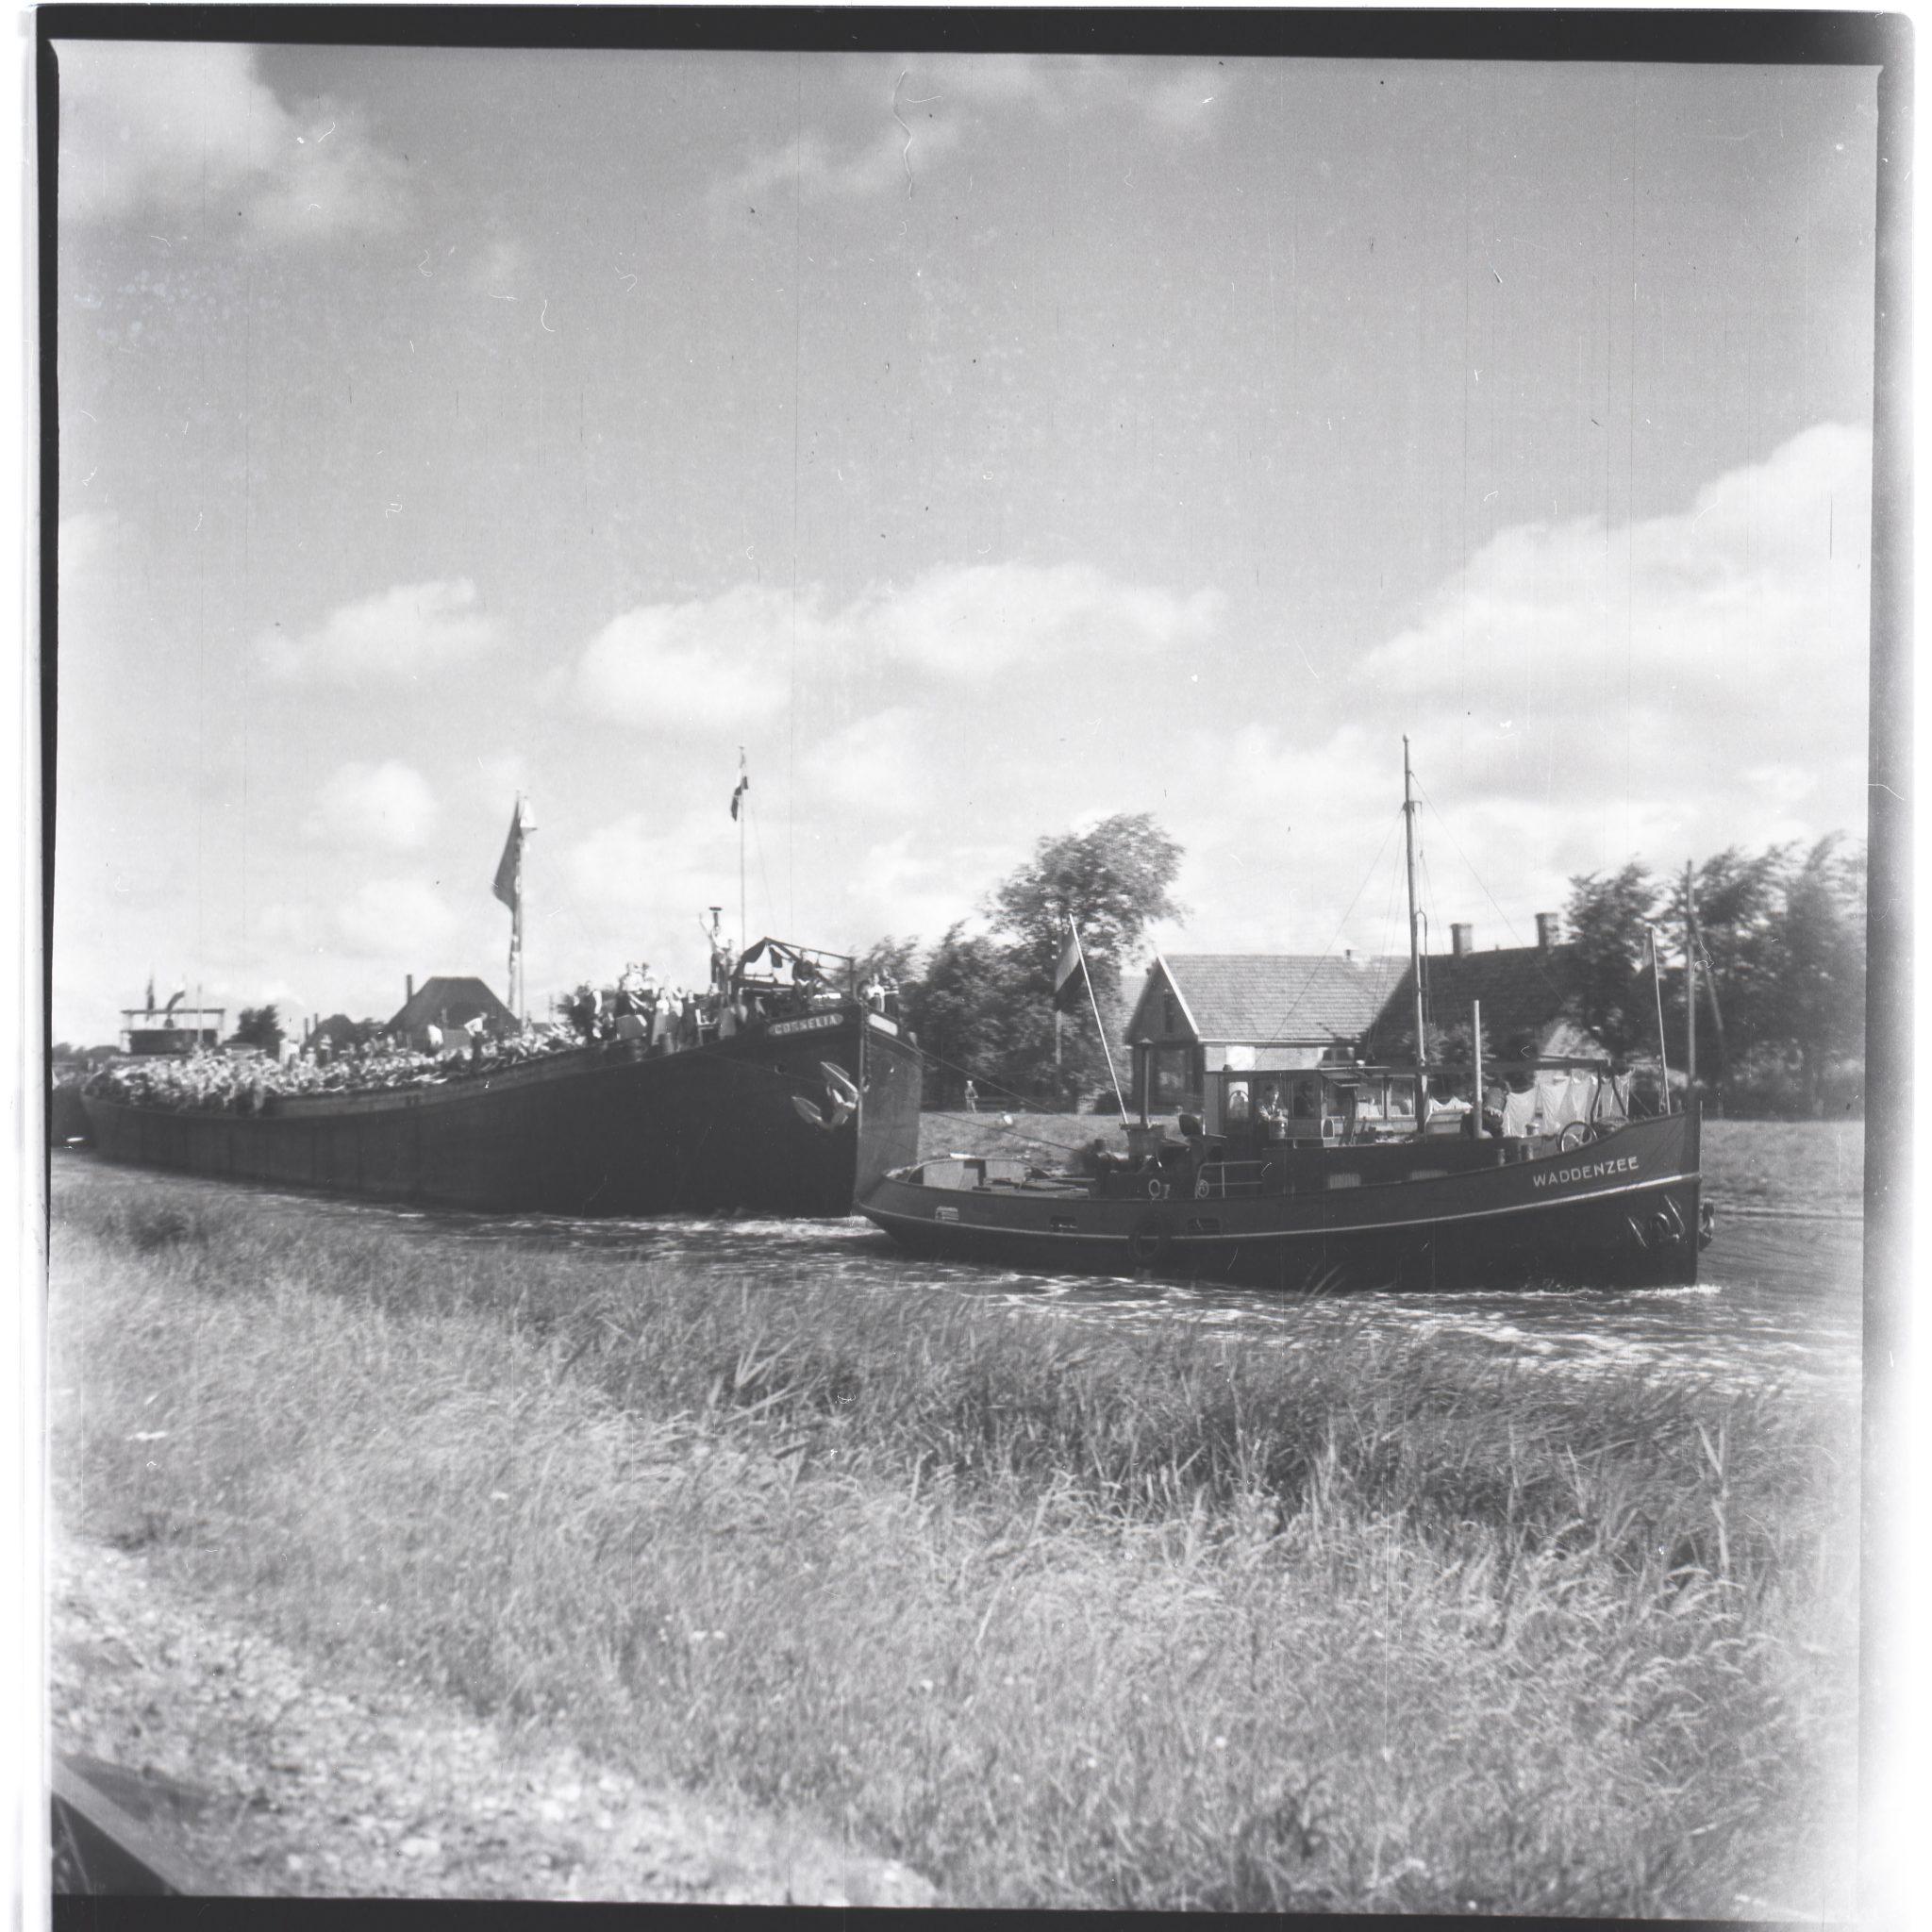 Het sleepschip de Cornelia tjokvol met kinderen als eerste lengte achter de sleepboot op het Noordhollandsch Kanaal onderweg naar Alkmaar. Deze foto is genomen in de zomer van 1945. (Collectie Regionaal Archief Alkmaar)